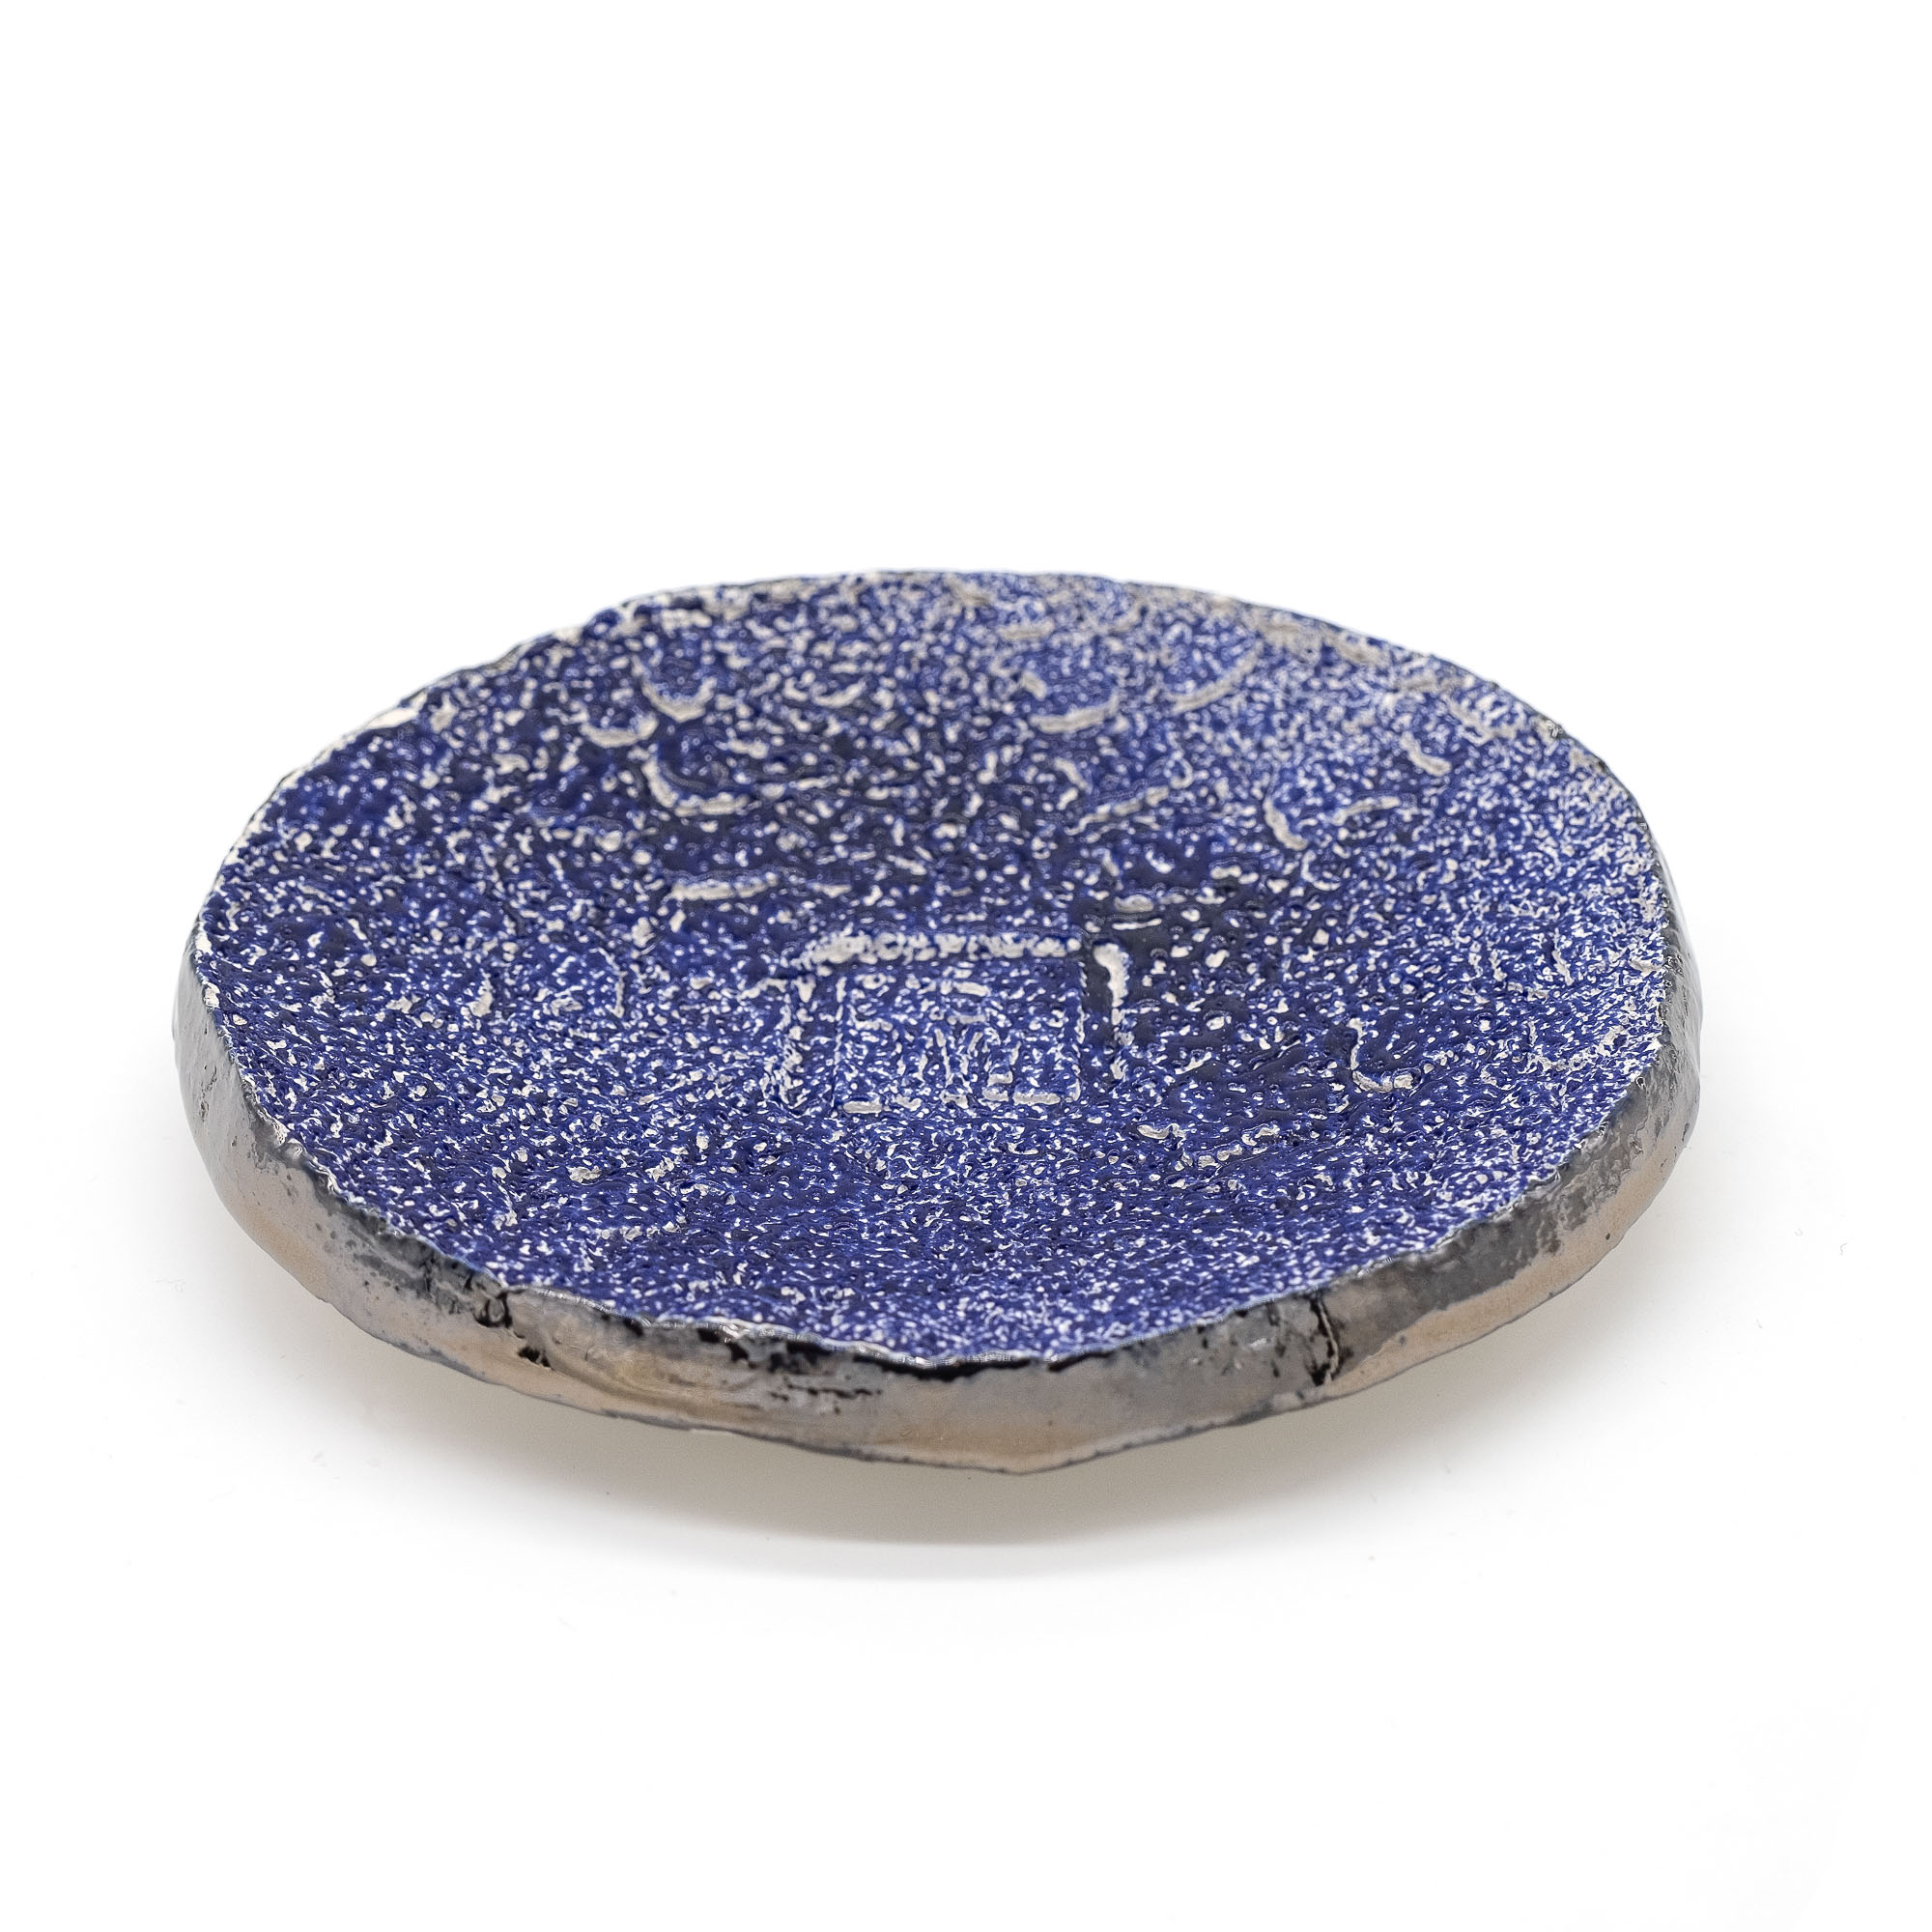 Oggettistica - Stefania Mairano Creazioni in Ceramica